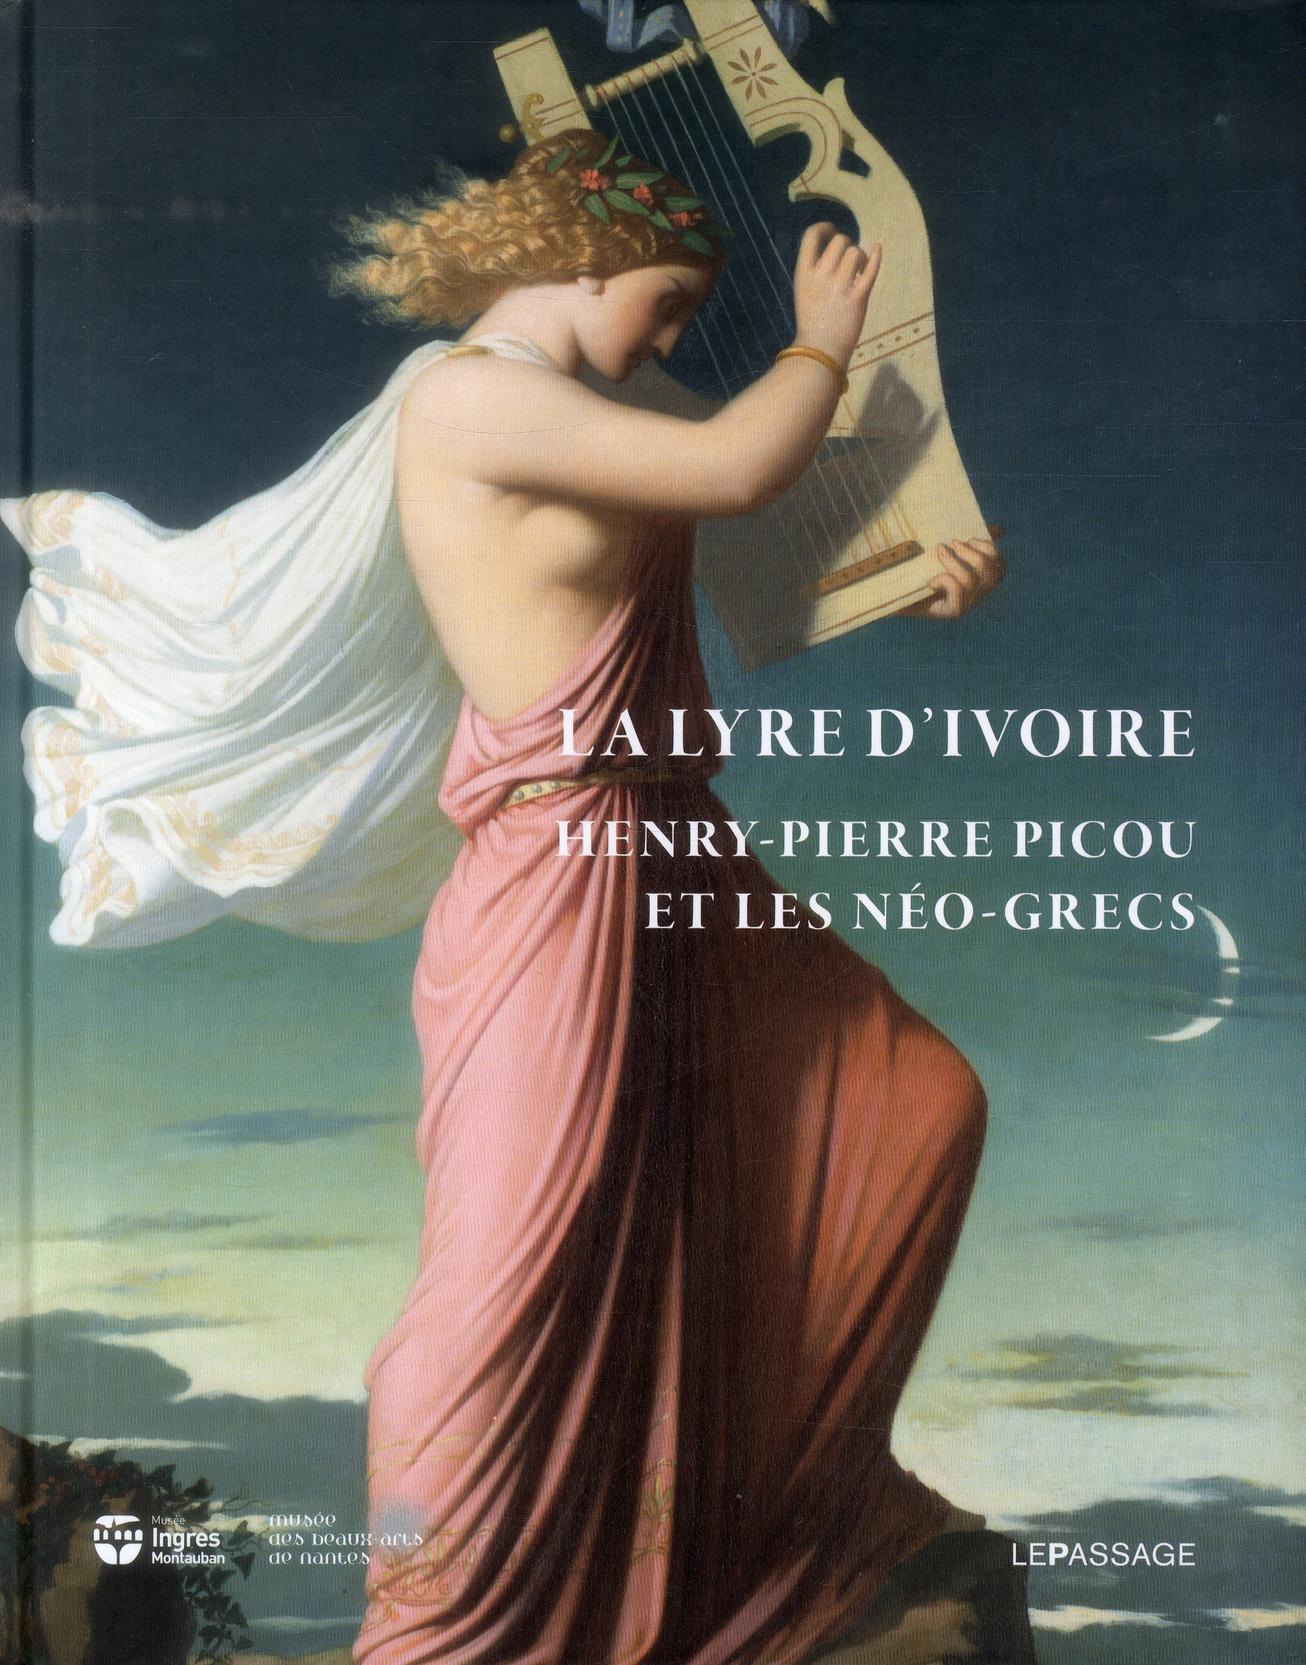 LA LYRE D'IVOIRE. HENRY-PIERRE PICOU ET LES NEO-GRECS